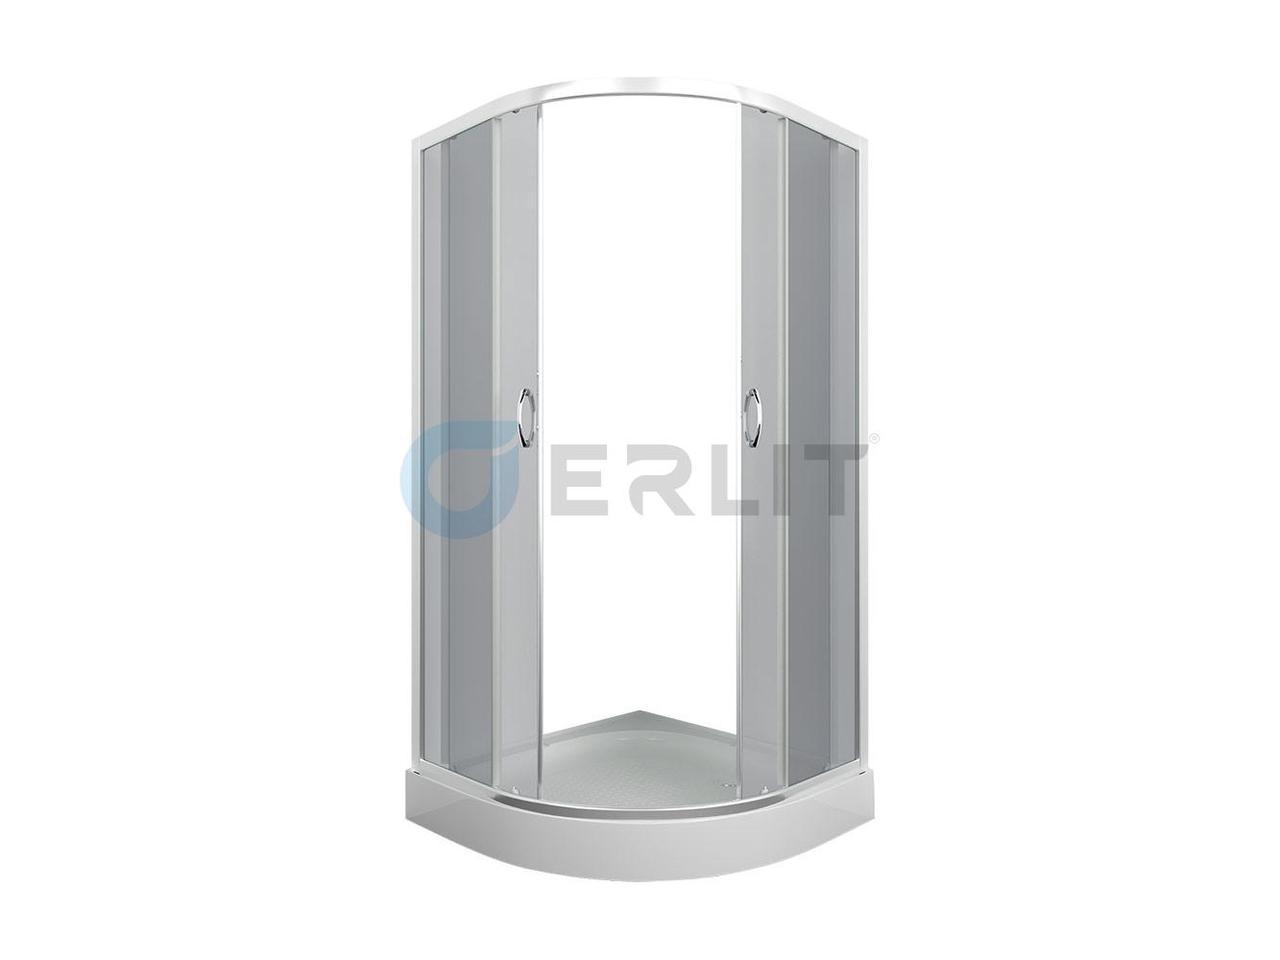 Душевая кабина ER0509 - C4 900*900*1950 низкий поддон, тонированное стекло